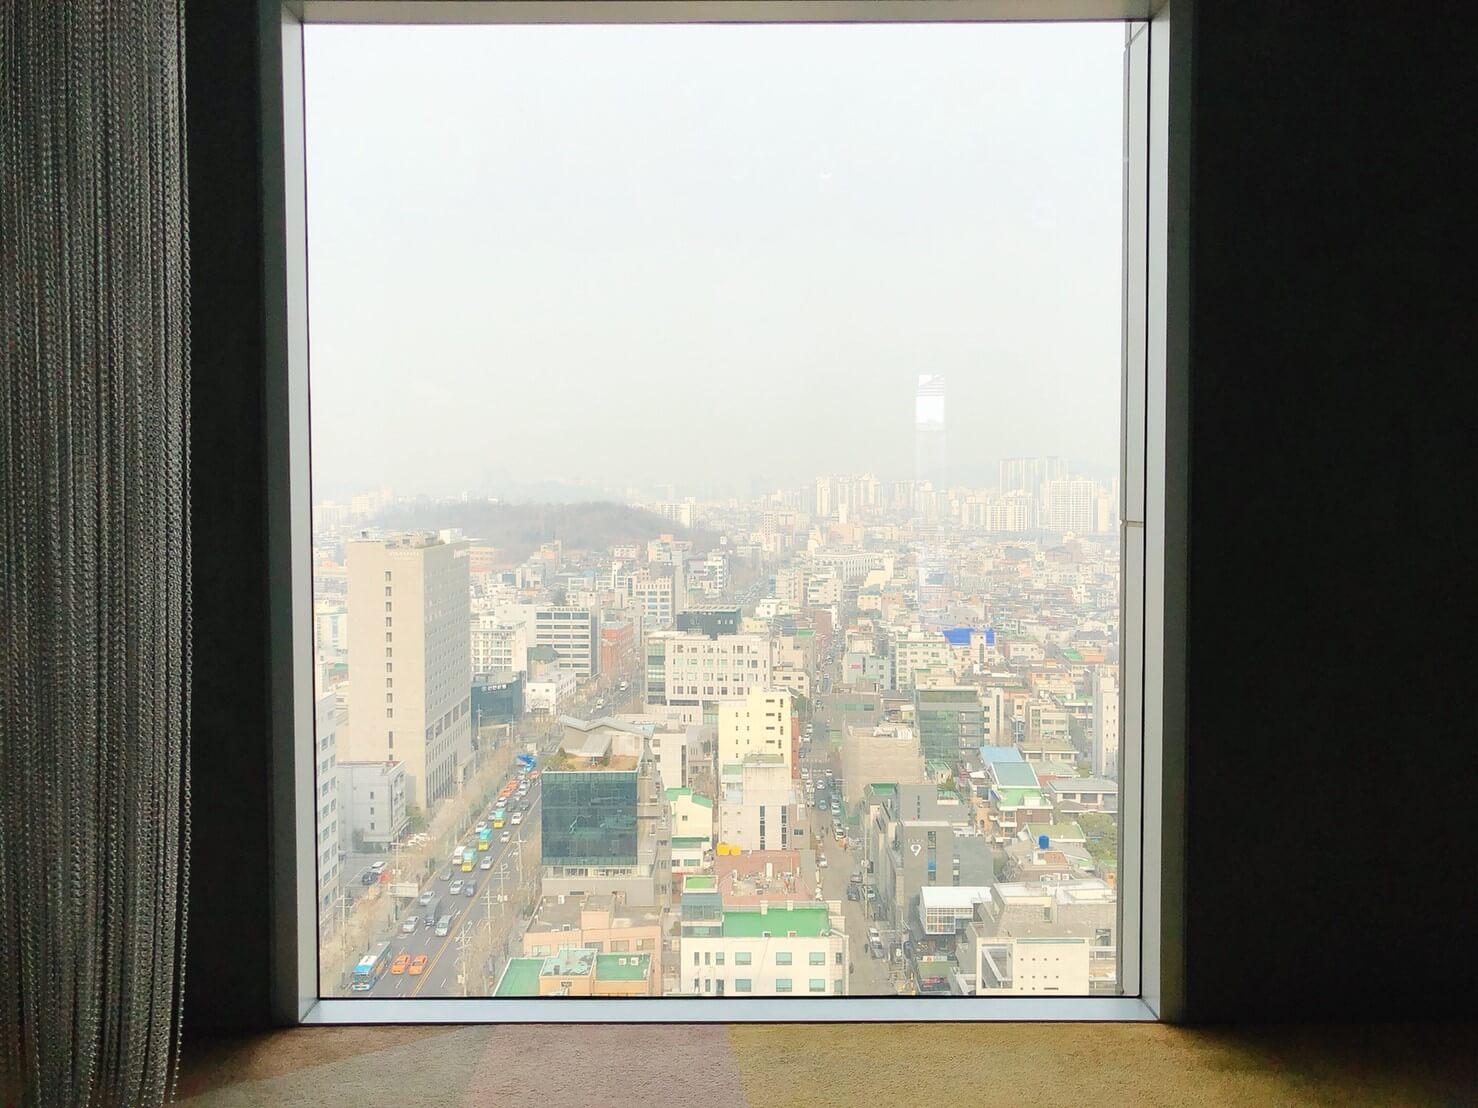 首爾住宿推薦_弘大L7樂天飯店好評介紹_飯店景觀超好